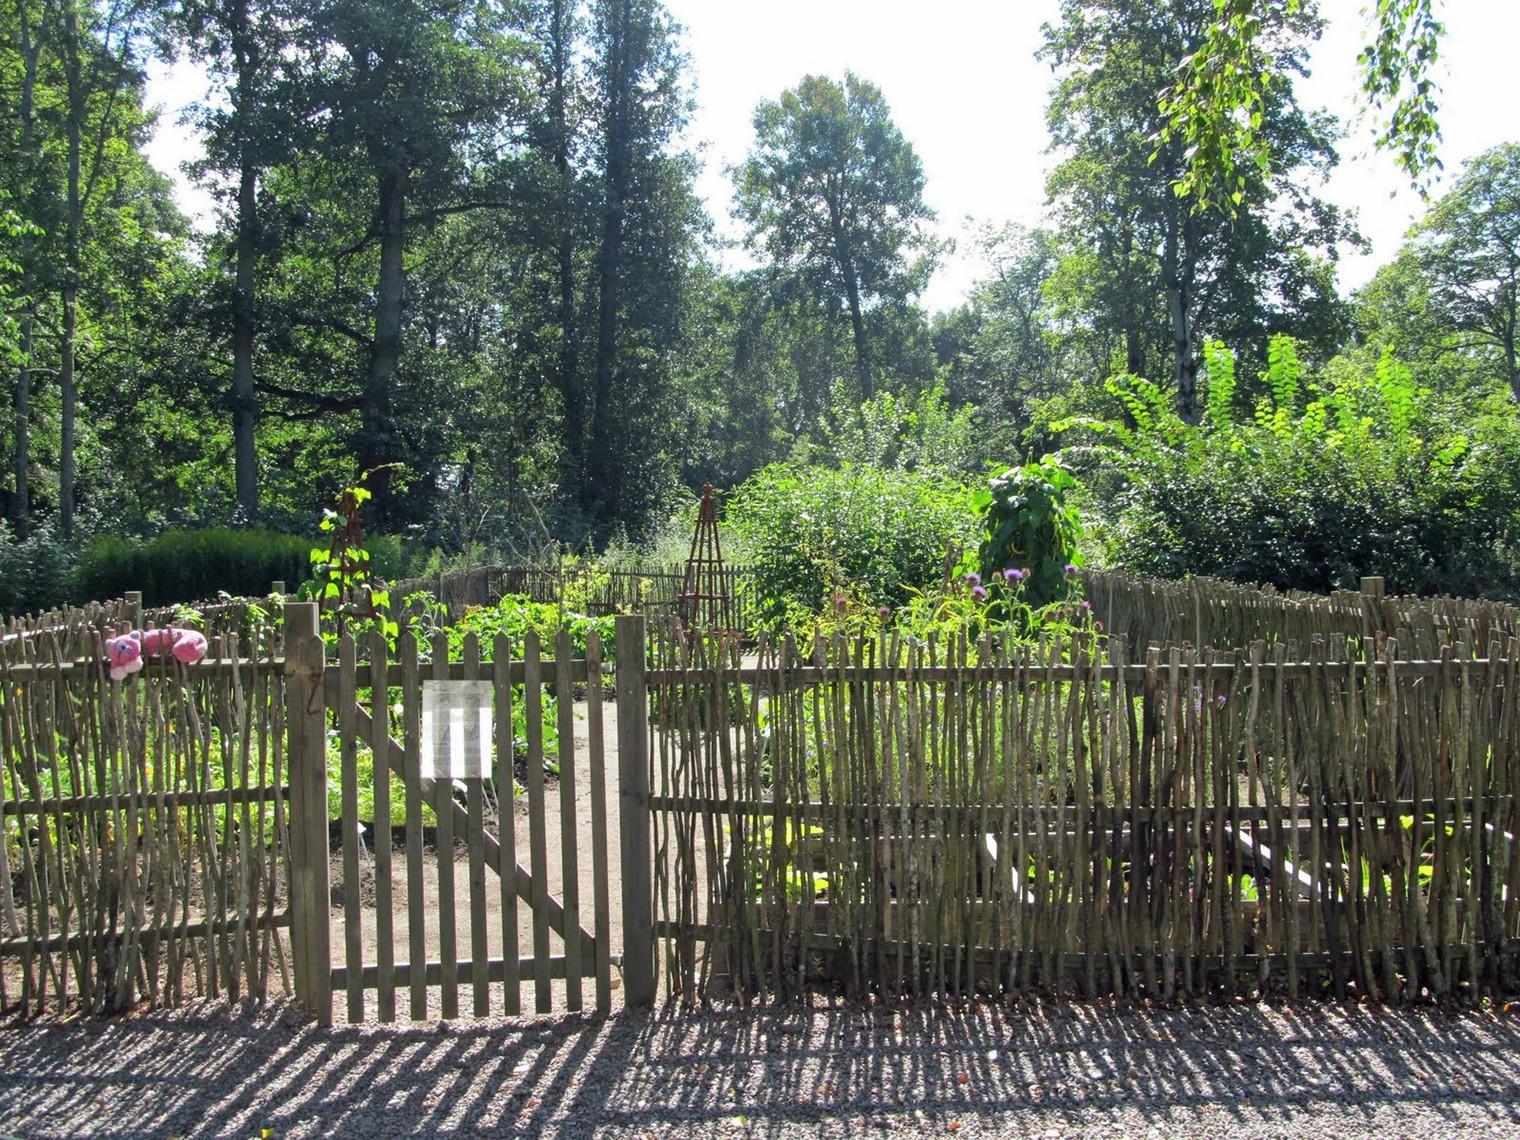 garden fencing ideas photos photo - 6